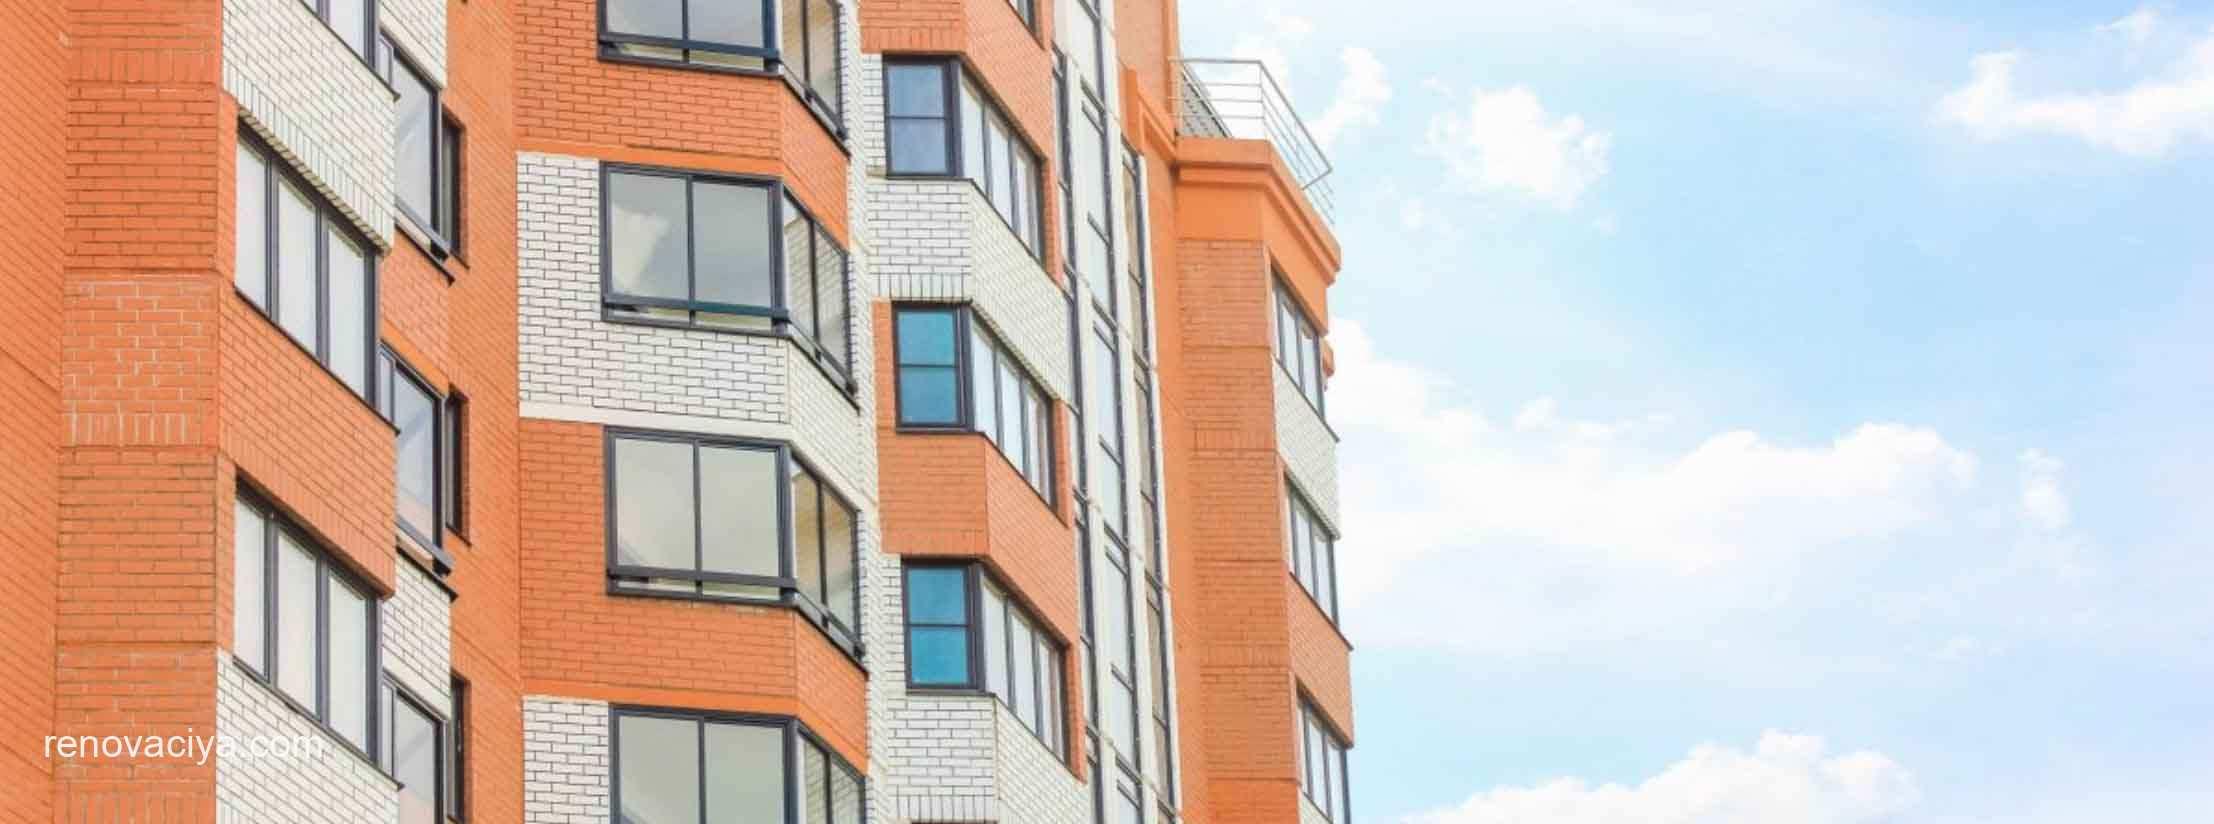 Реновация повысит стоимость жилья